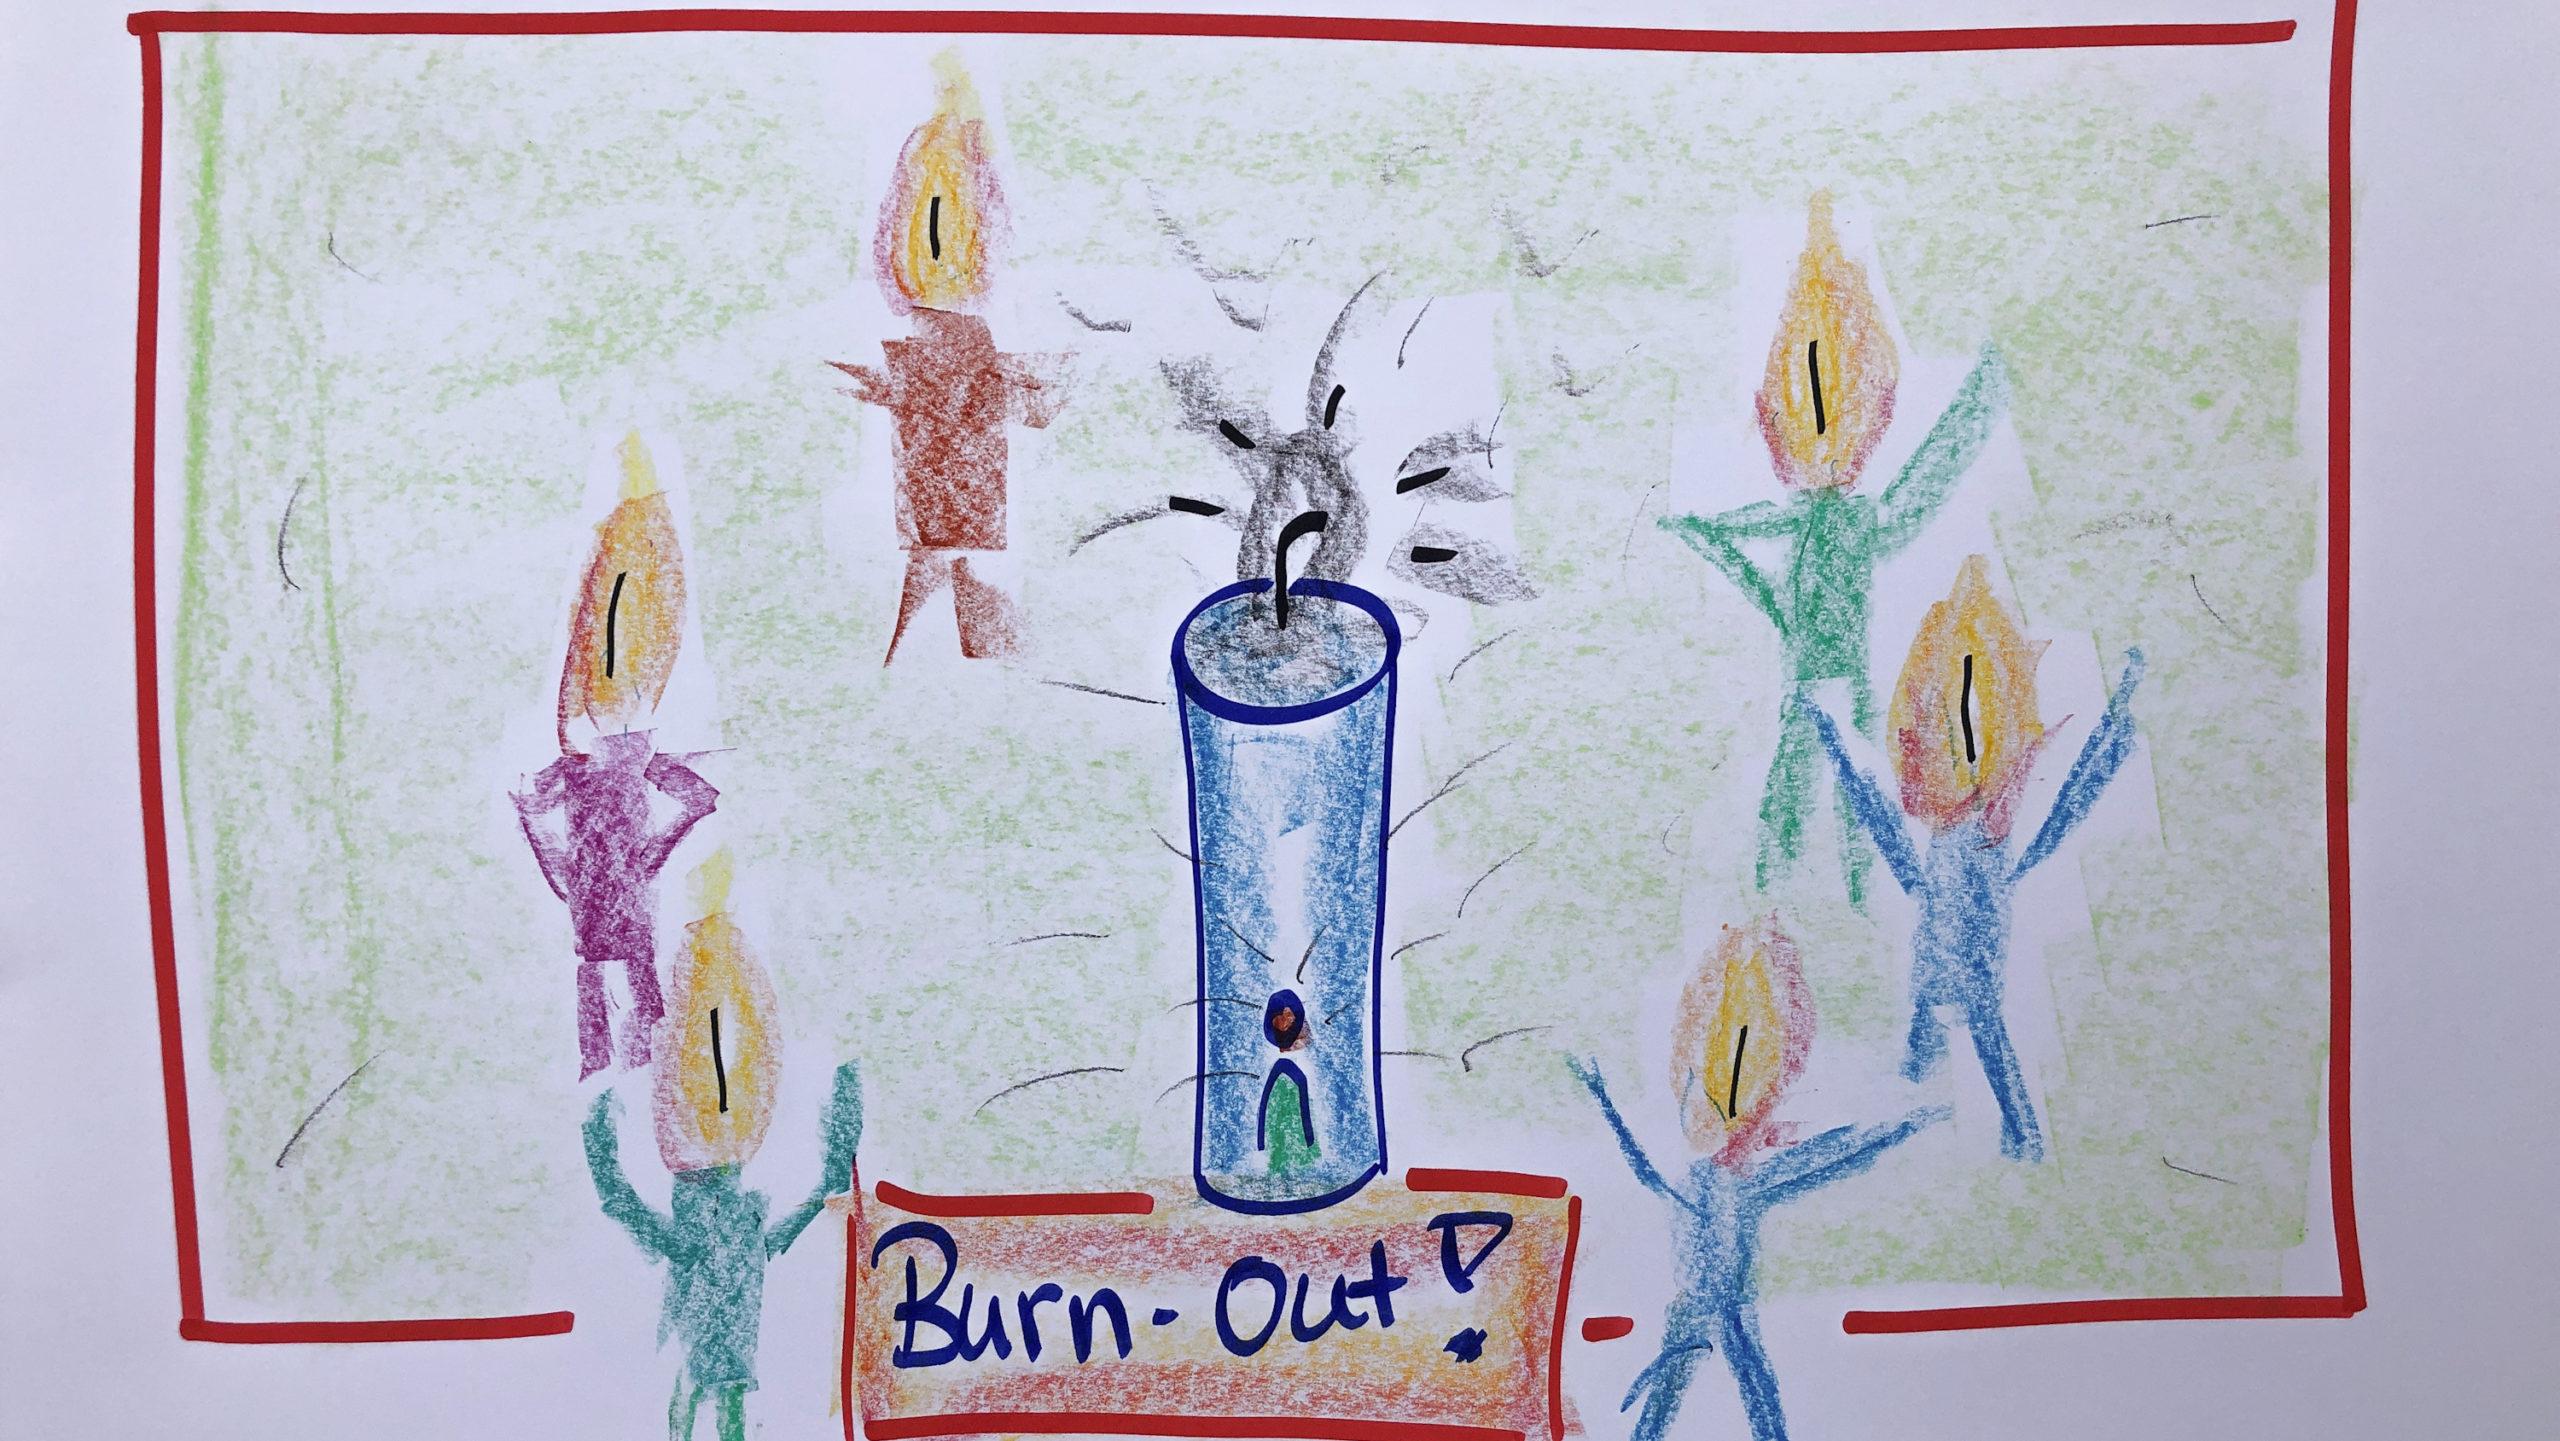 Burnout - FISCHERs Wissensraum